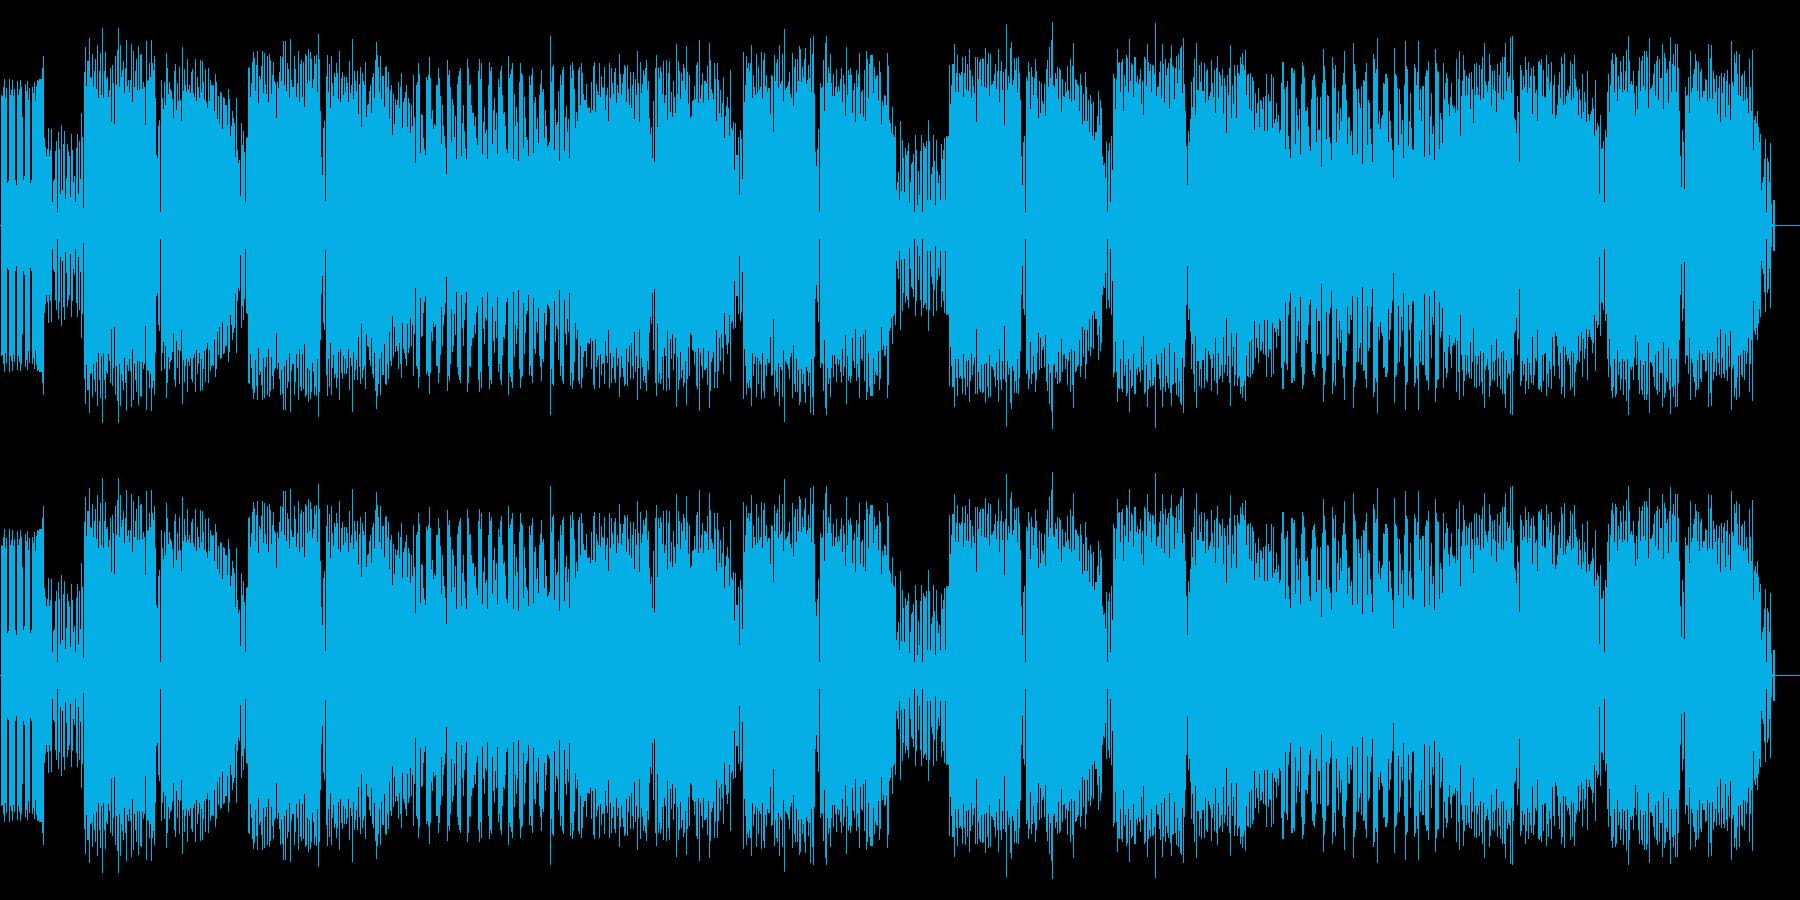 ファミコン音源を用いた戦闘BGMの再生済みの波形